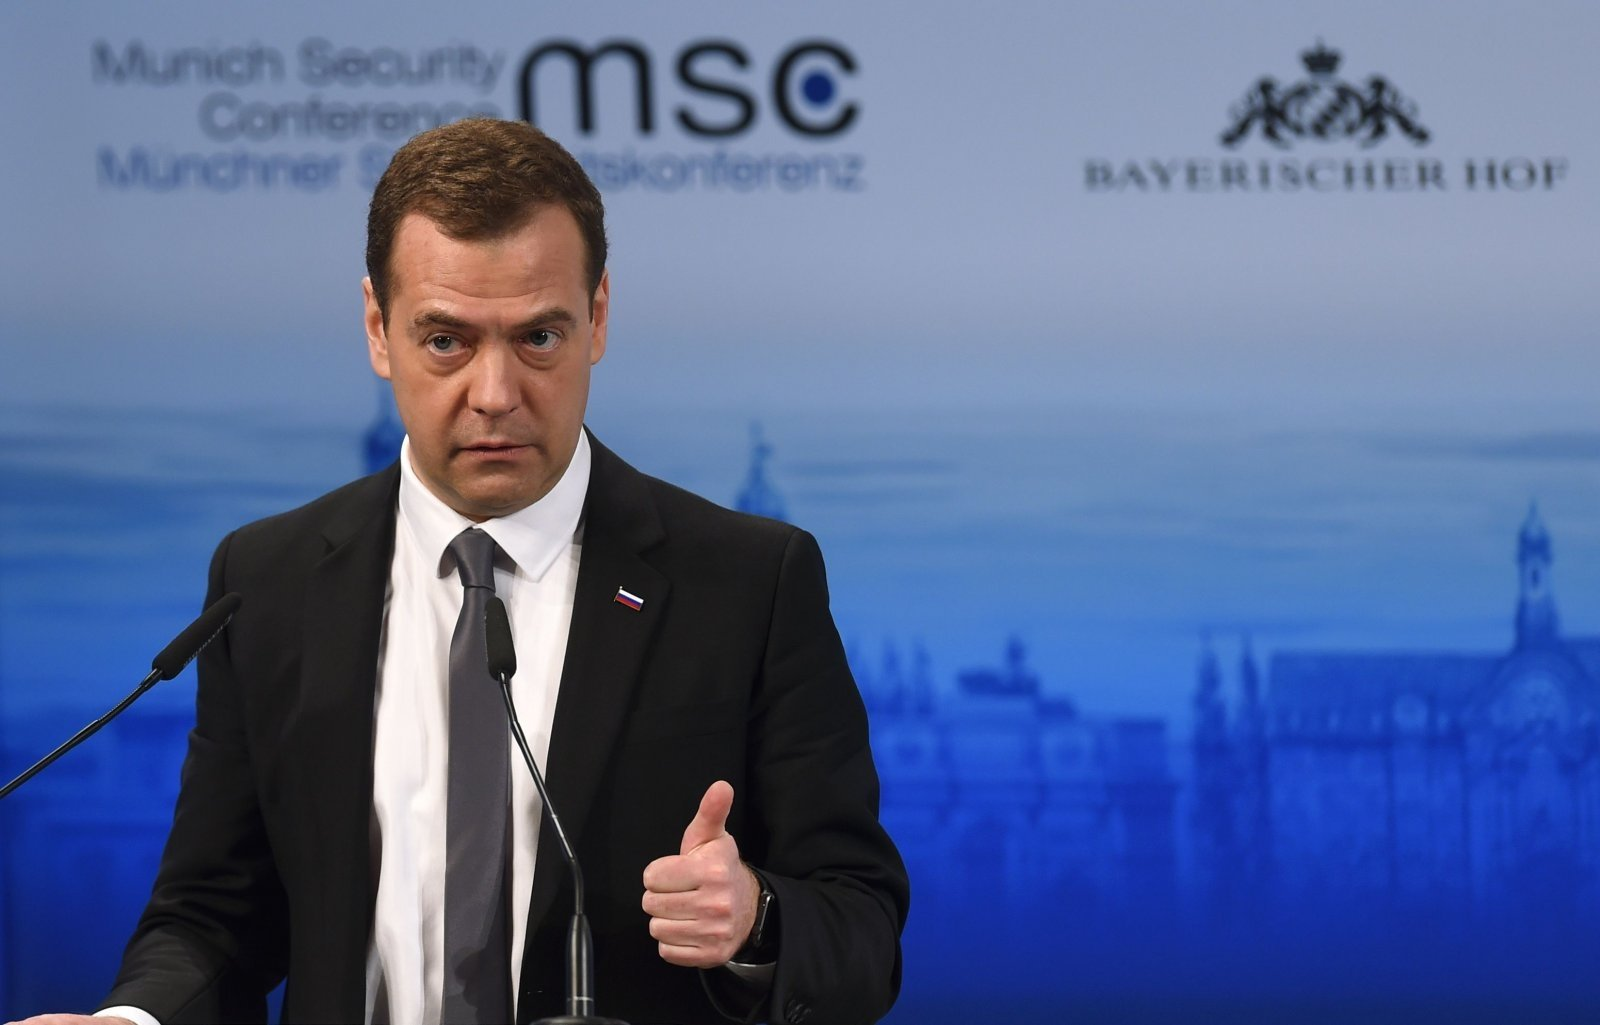 Разрушение Шенгена из-за мигрантов может повлечь распад ЕС— Медведев